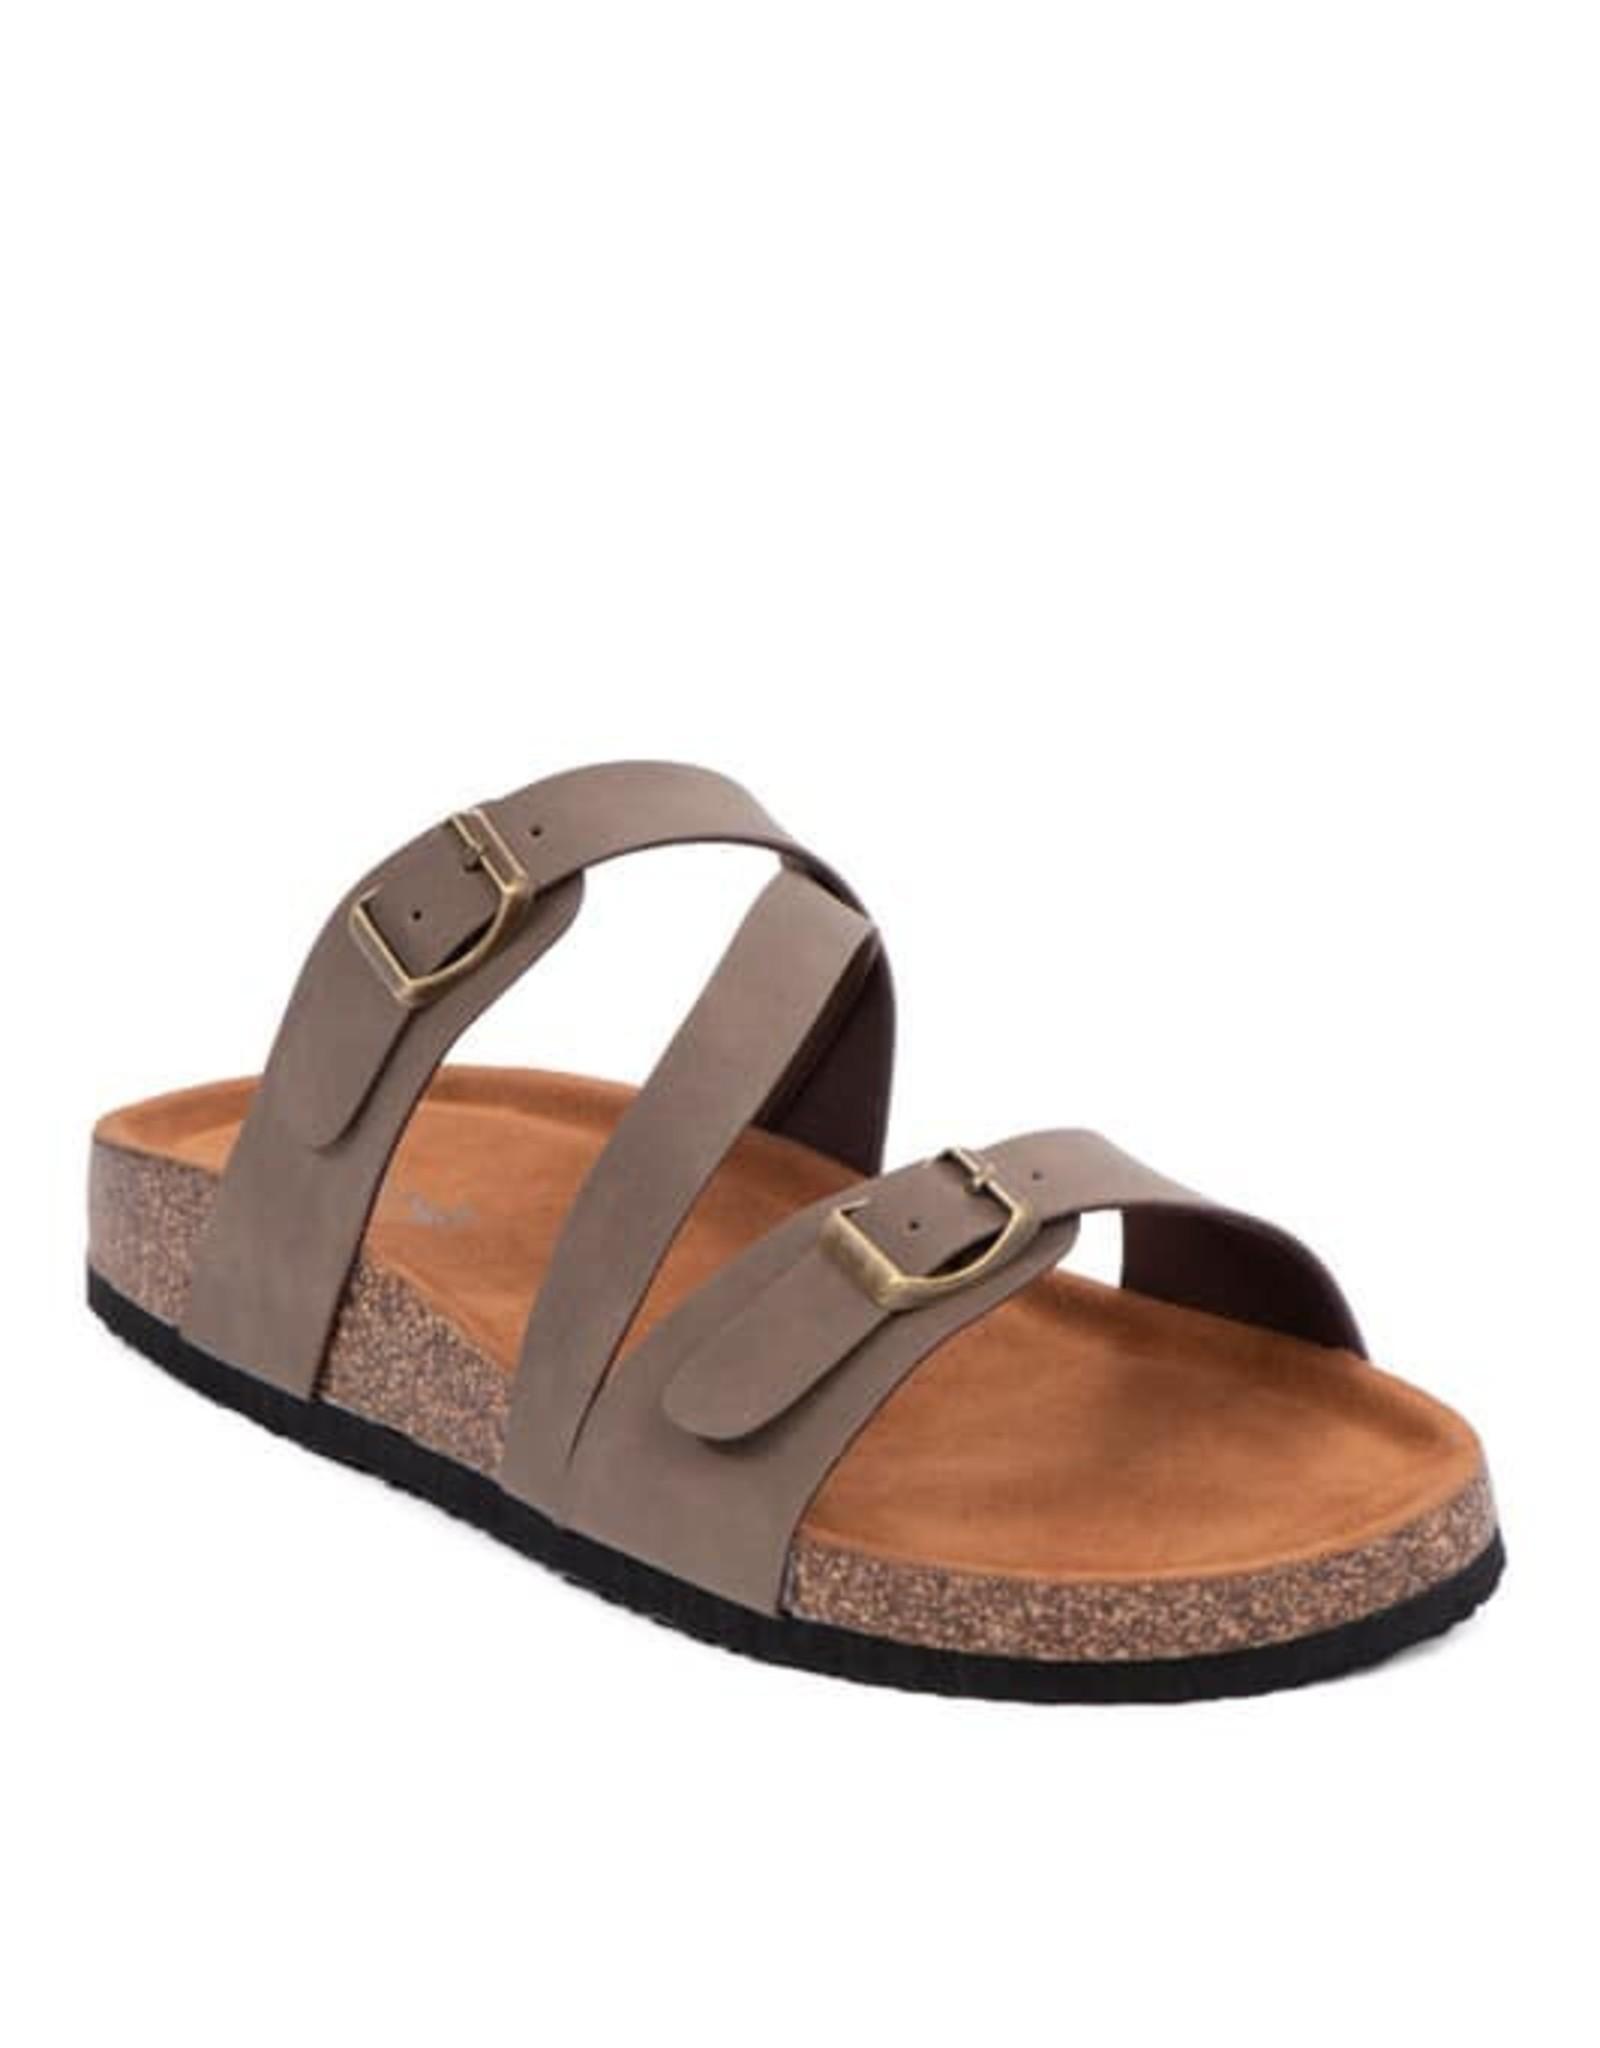 Birkenstock Inspired Sandal